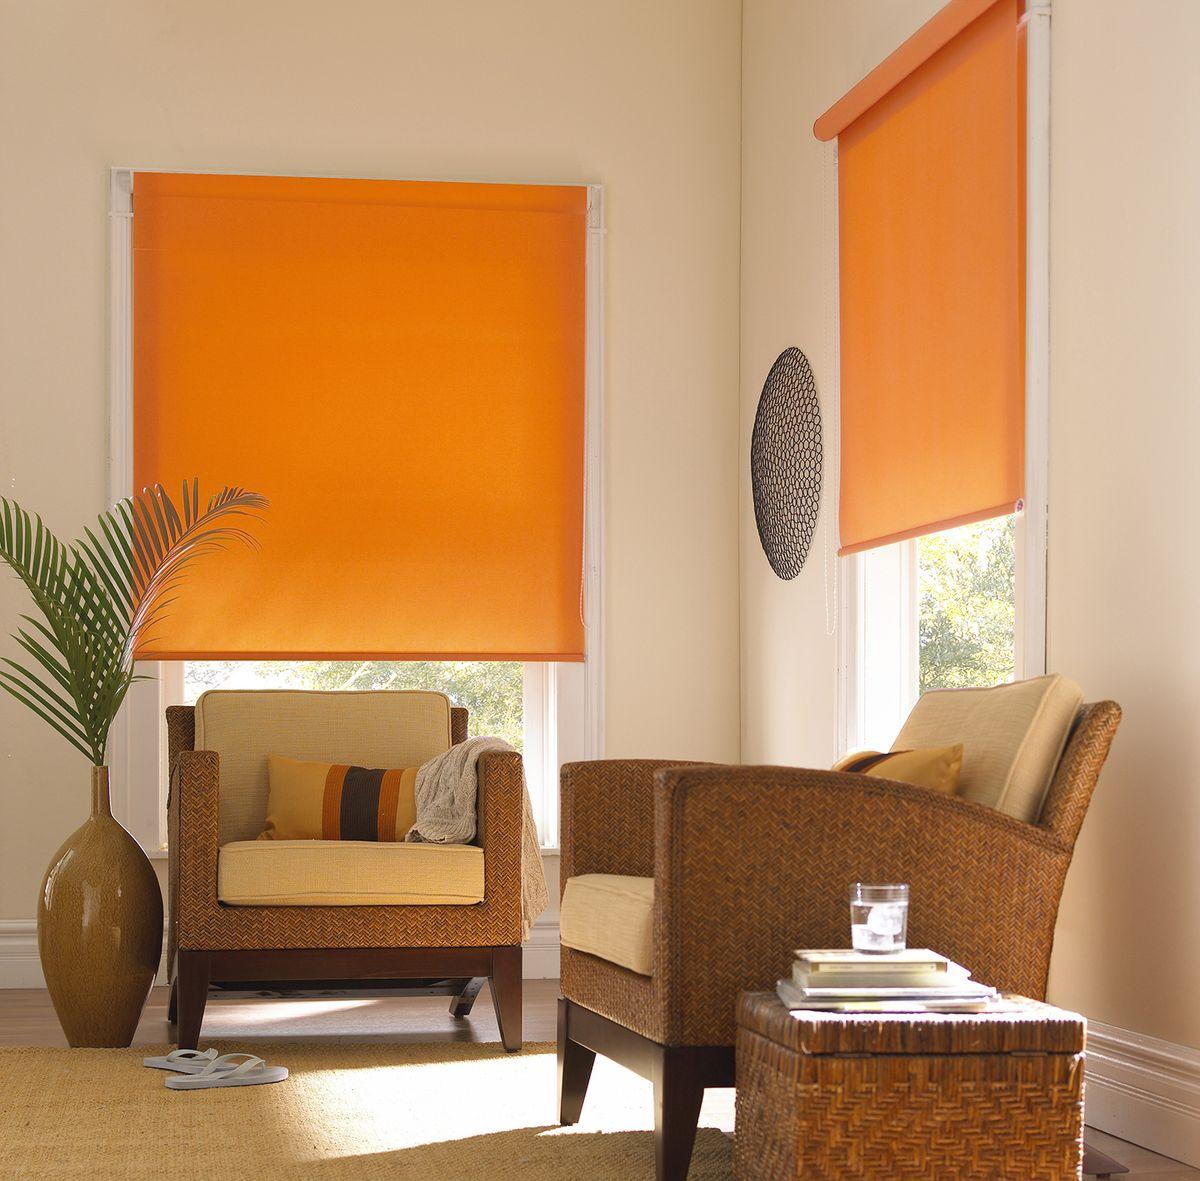 Штора рулонная Эскар Миниролло, цвет: апельсин, ширина 90 см, высота 170 см31203090170Рулонная штора Эскар Миниролло выполнена из высокопрочной ткани, которая сохраняет свой размер даже при намокании. Ткань не выцветает и обладает отличной цветоустойчивостью. Миниролло - это подвид рулонных штор, который закрывает не весь оконный проем, а непосредственно само стекло. Такие шторы крепятся на раму без сверления при помощи зажимов или клейкой двухсторонней ленты (в комплекте). Окно остается на гарантии, благодаря монтажу без сверления. Такая штора станет прекрасным элементом декора окна и гармонично впишется в интерьер любого помещения.